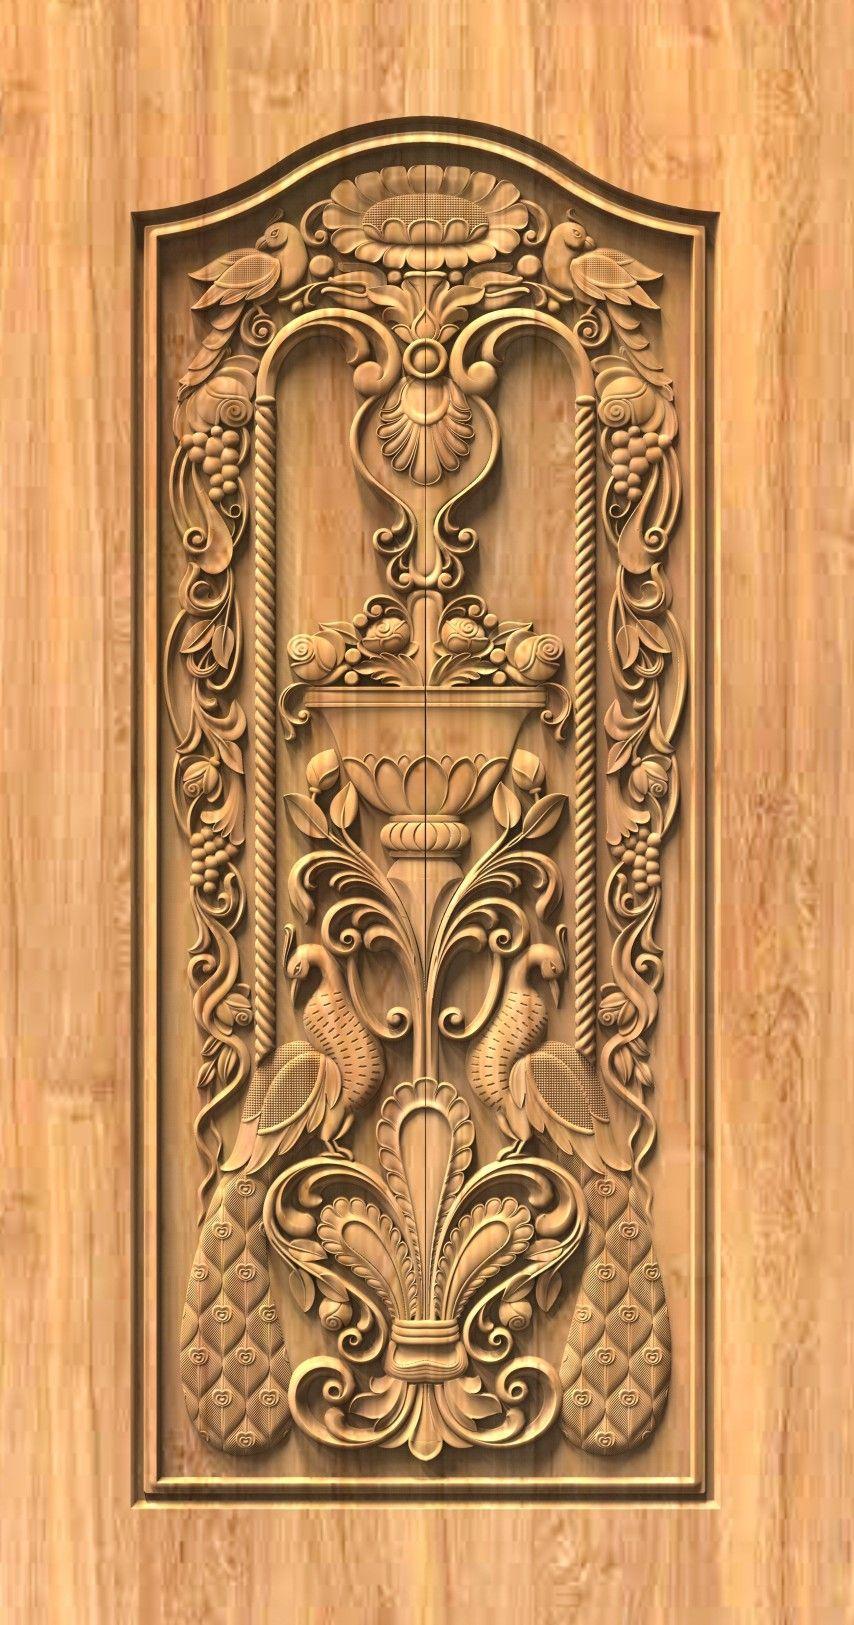 Artcam 3d Models In 2020 Door Design Wood Front Door Design Wood Wooden Door Design